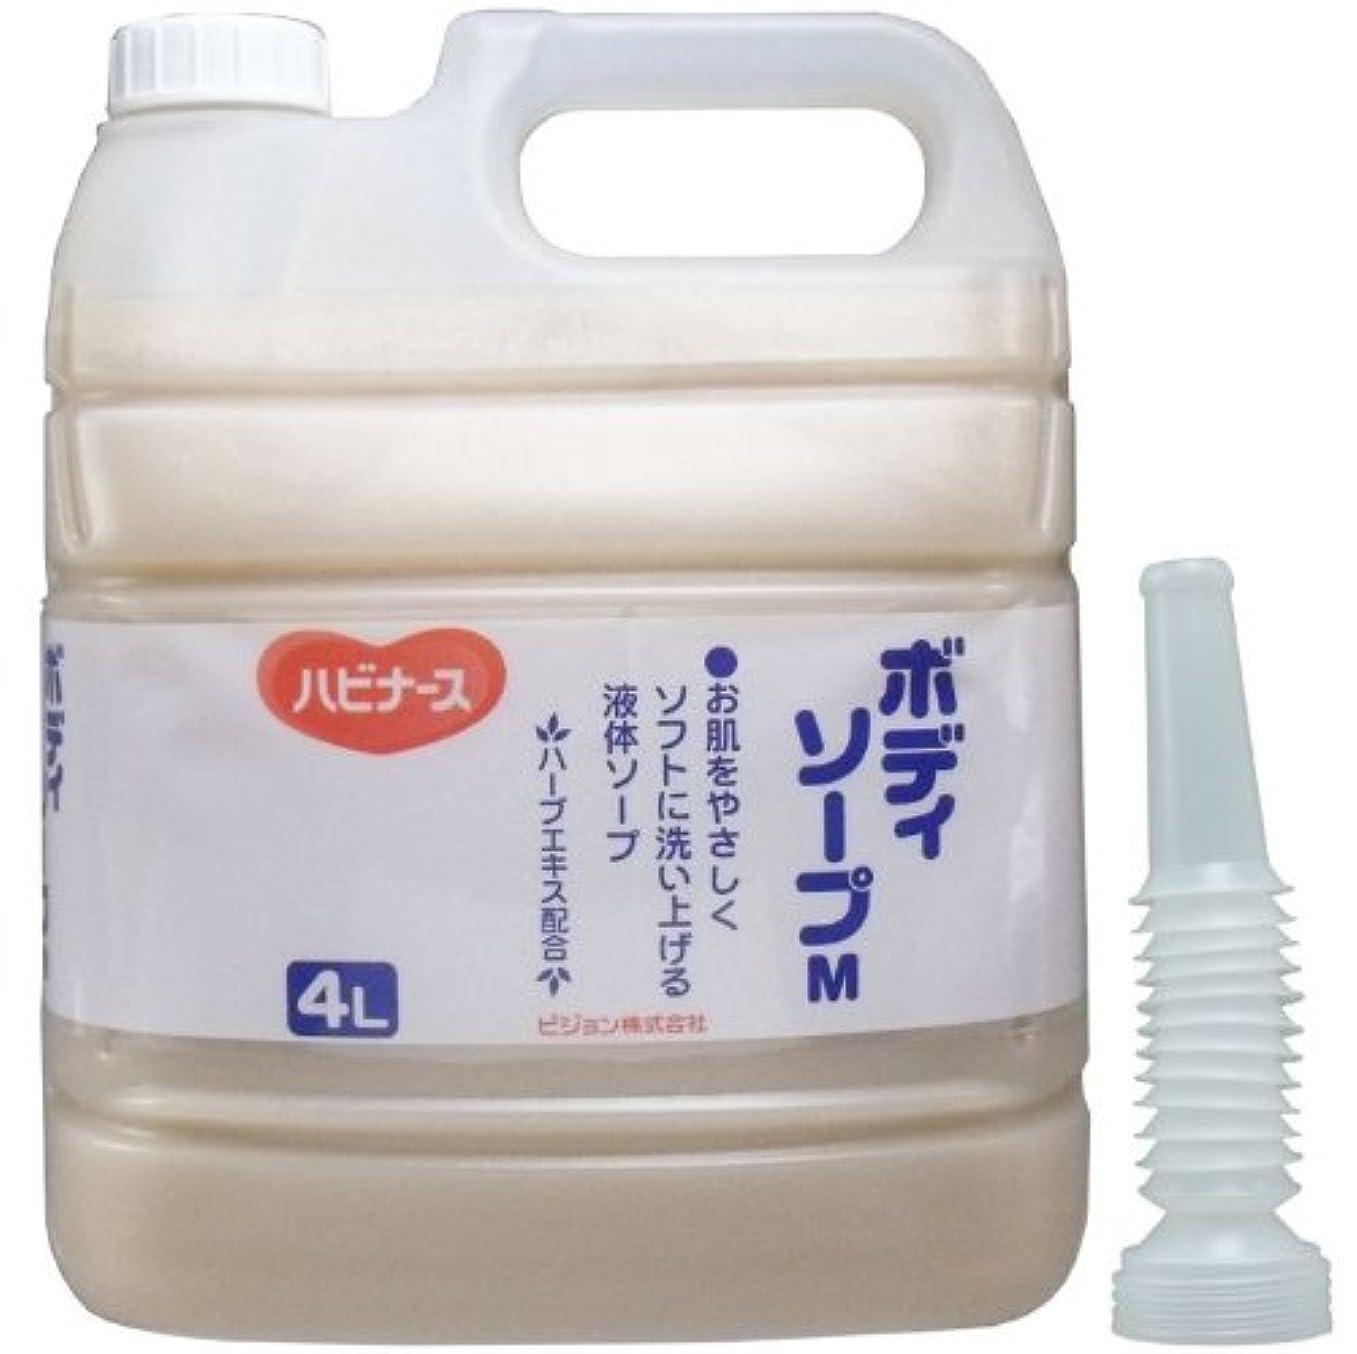 タオルひいきにする罰液体ソープ ボディソープ 風呂 石ケン お肌をやさしくソフトに洗い上げる!業務用 4L【4個セット】